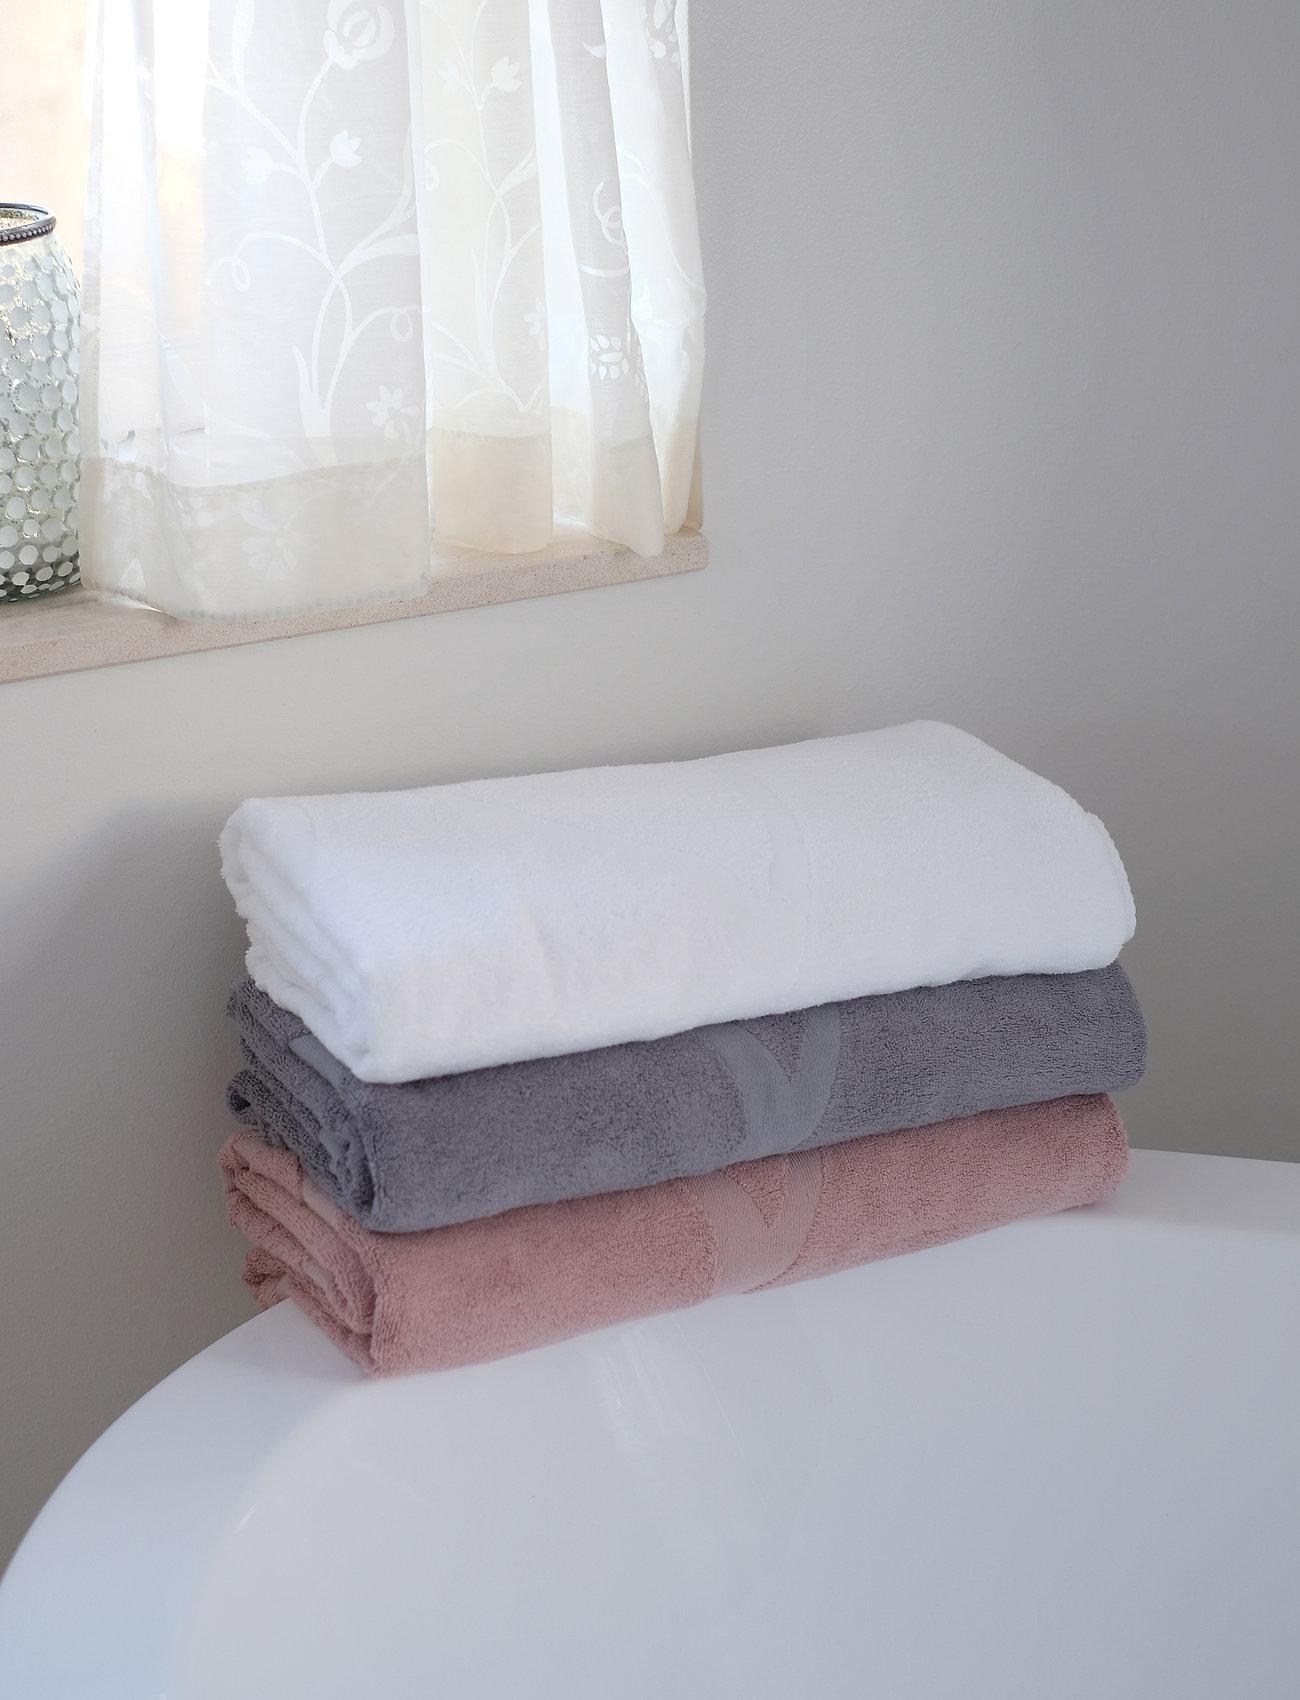 Rosemunde - Towel - ręczniki kąpielowe - charcoal grey - 1